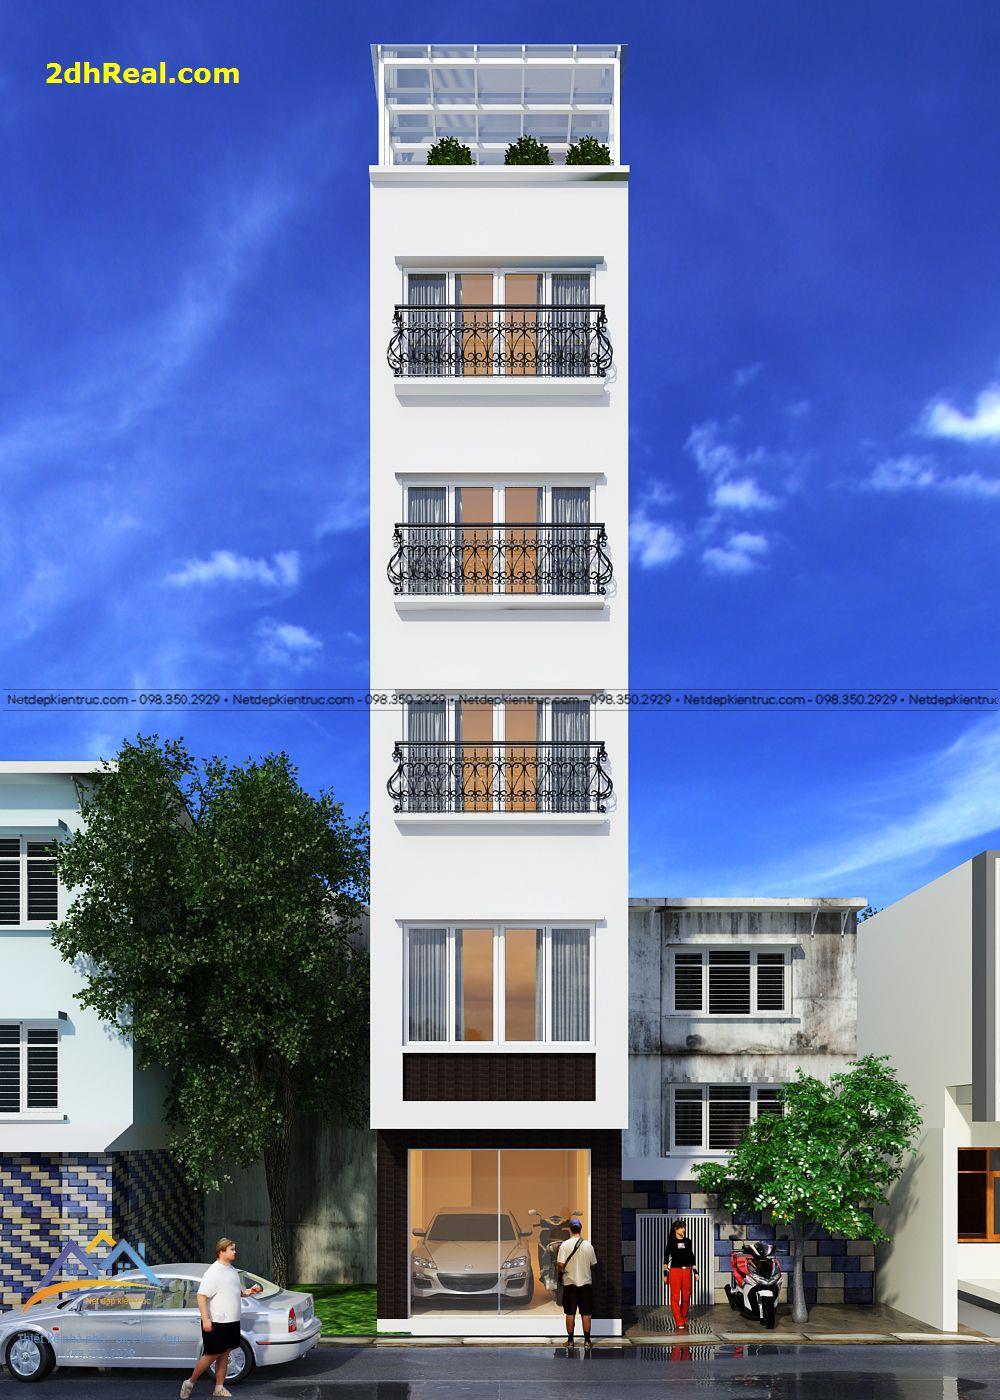 Bán nhà 2 mặt tiền 52 – 54 Calmette, phường Nguyễn Thái Bình, quận 1, TP.HCM